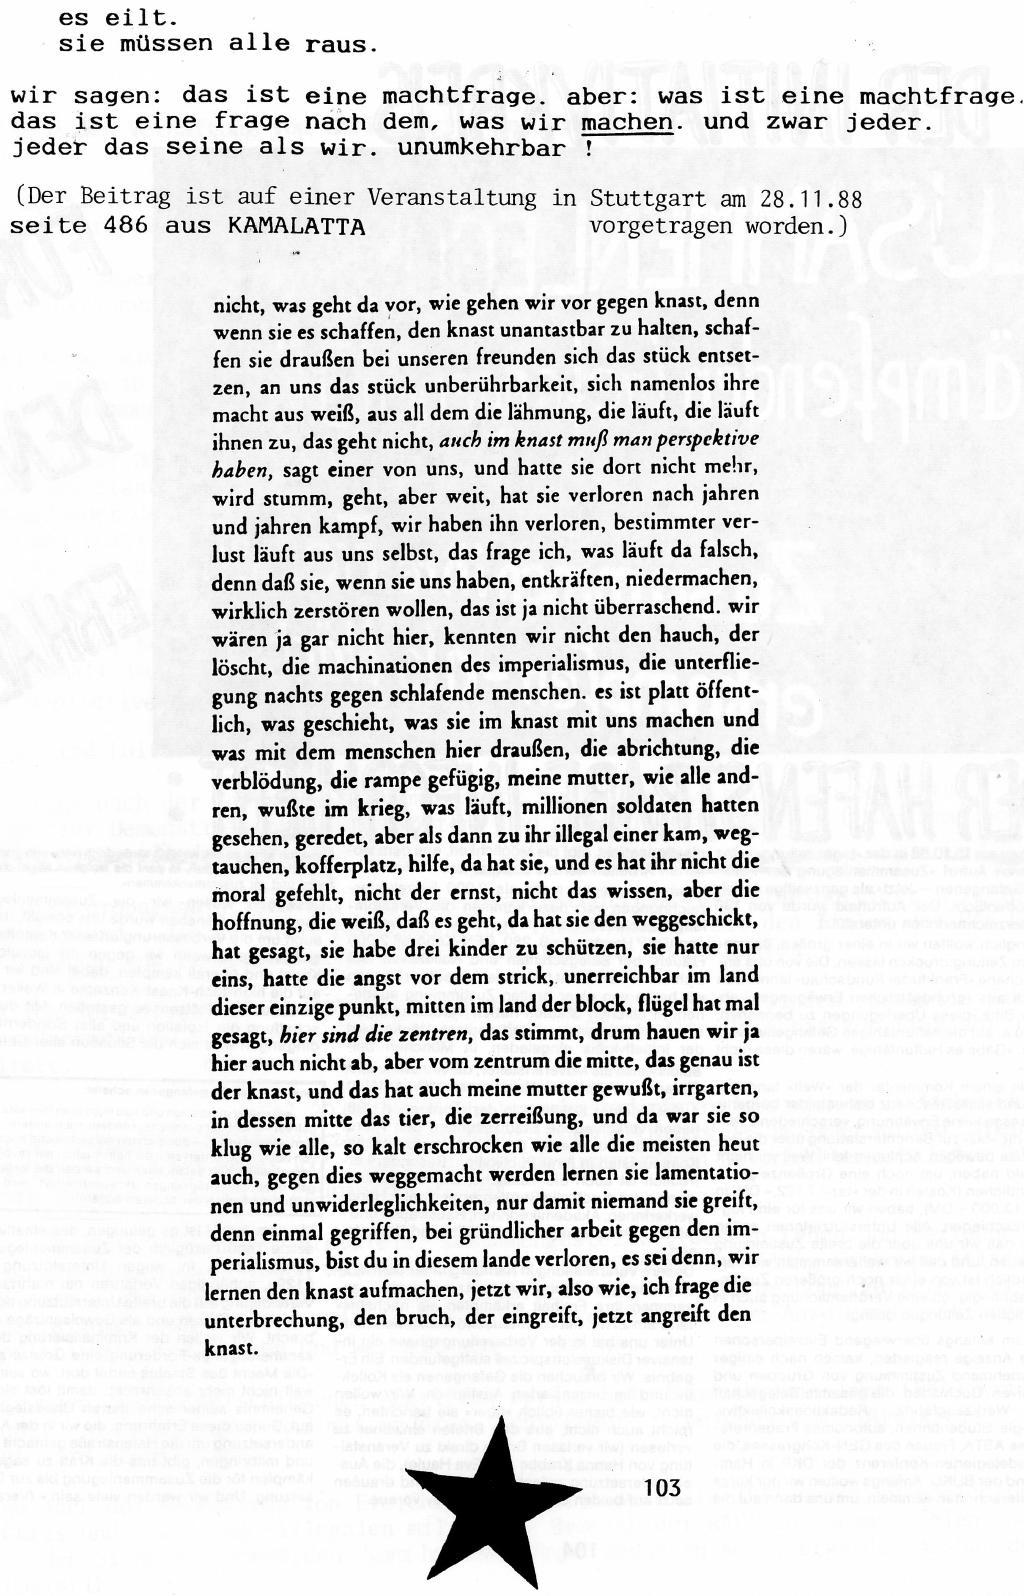 Duesseldorf_1989_Sechs_Politische_Gefangene_103